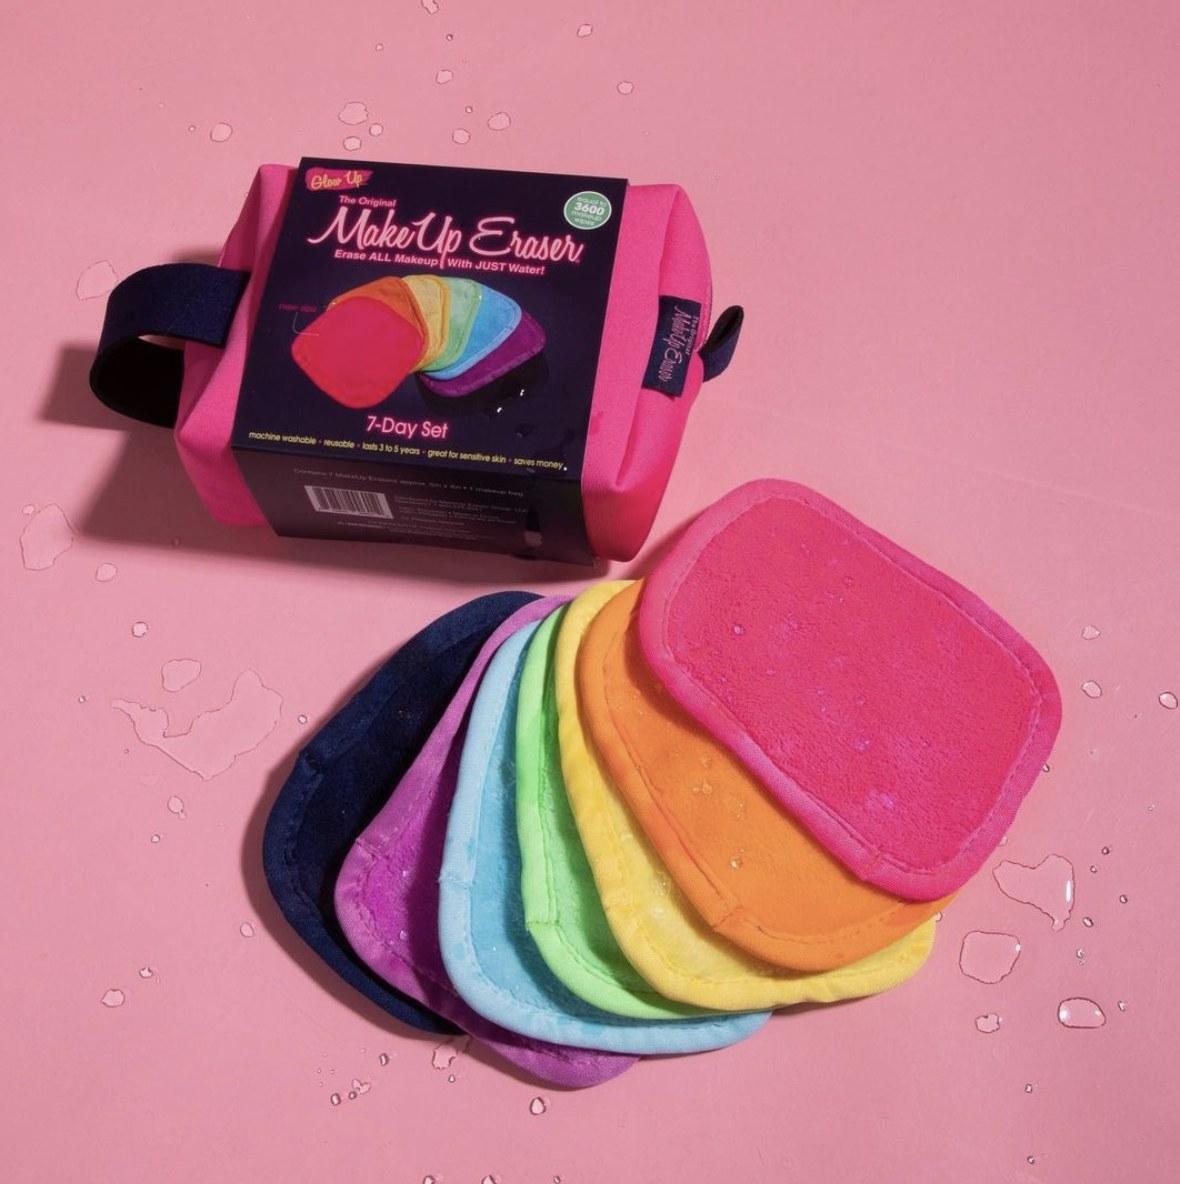 The makeup erasers